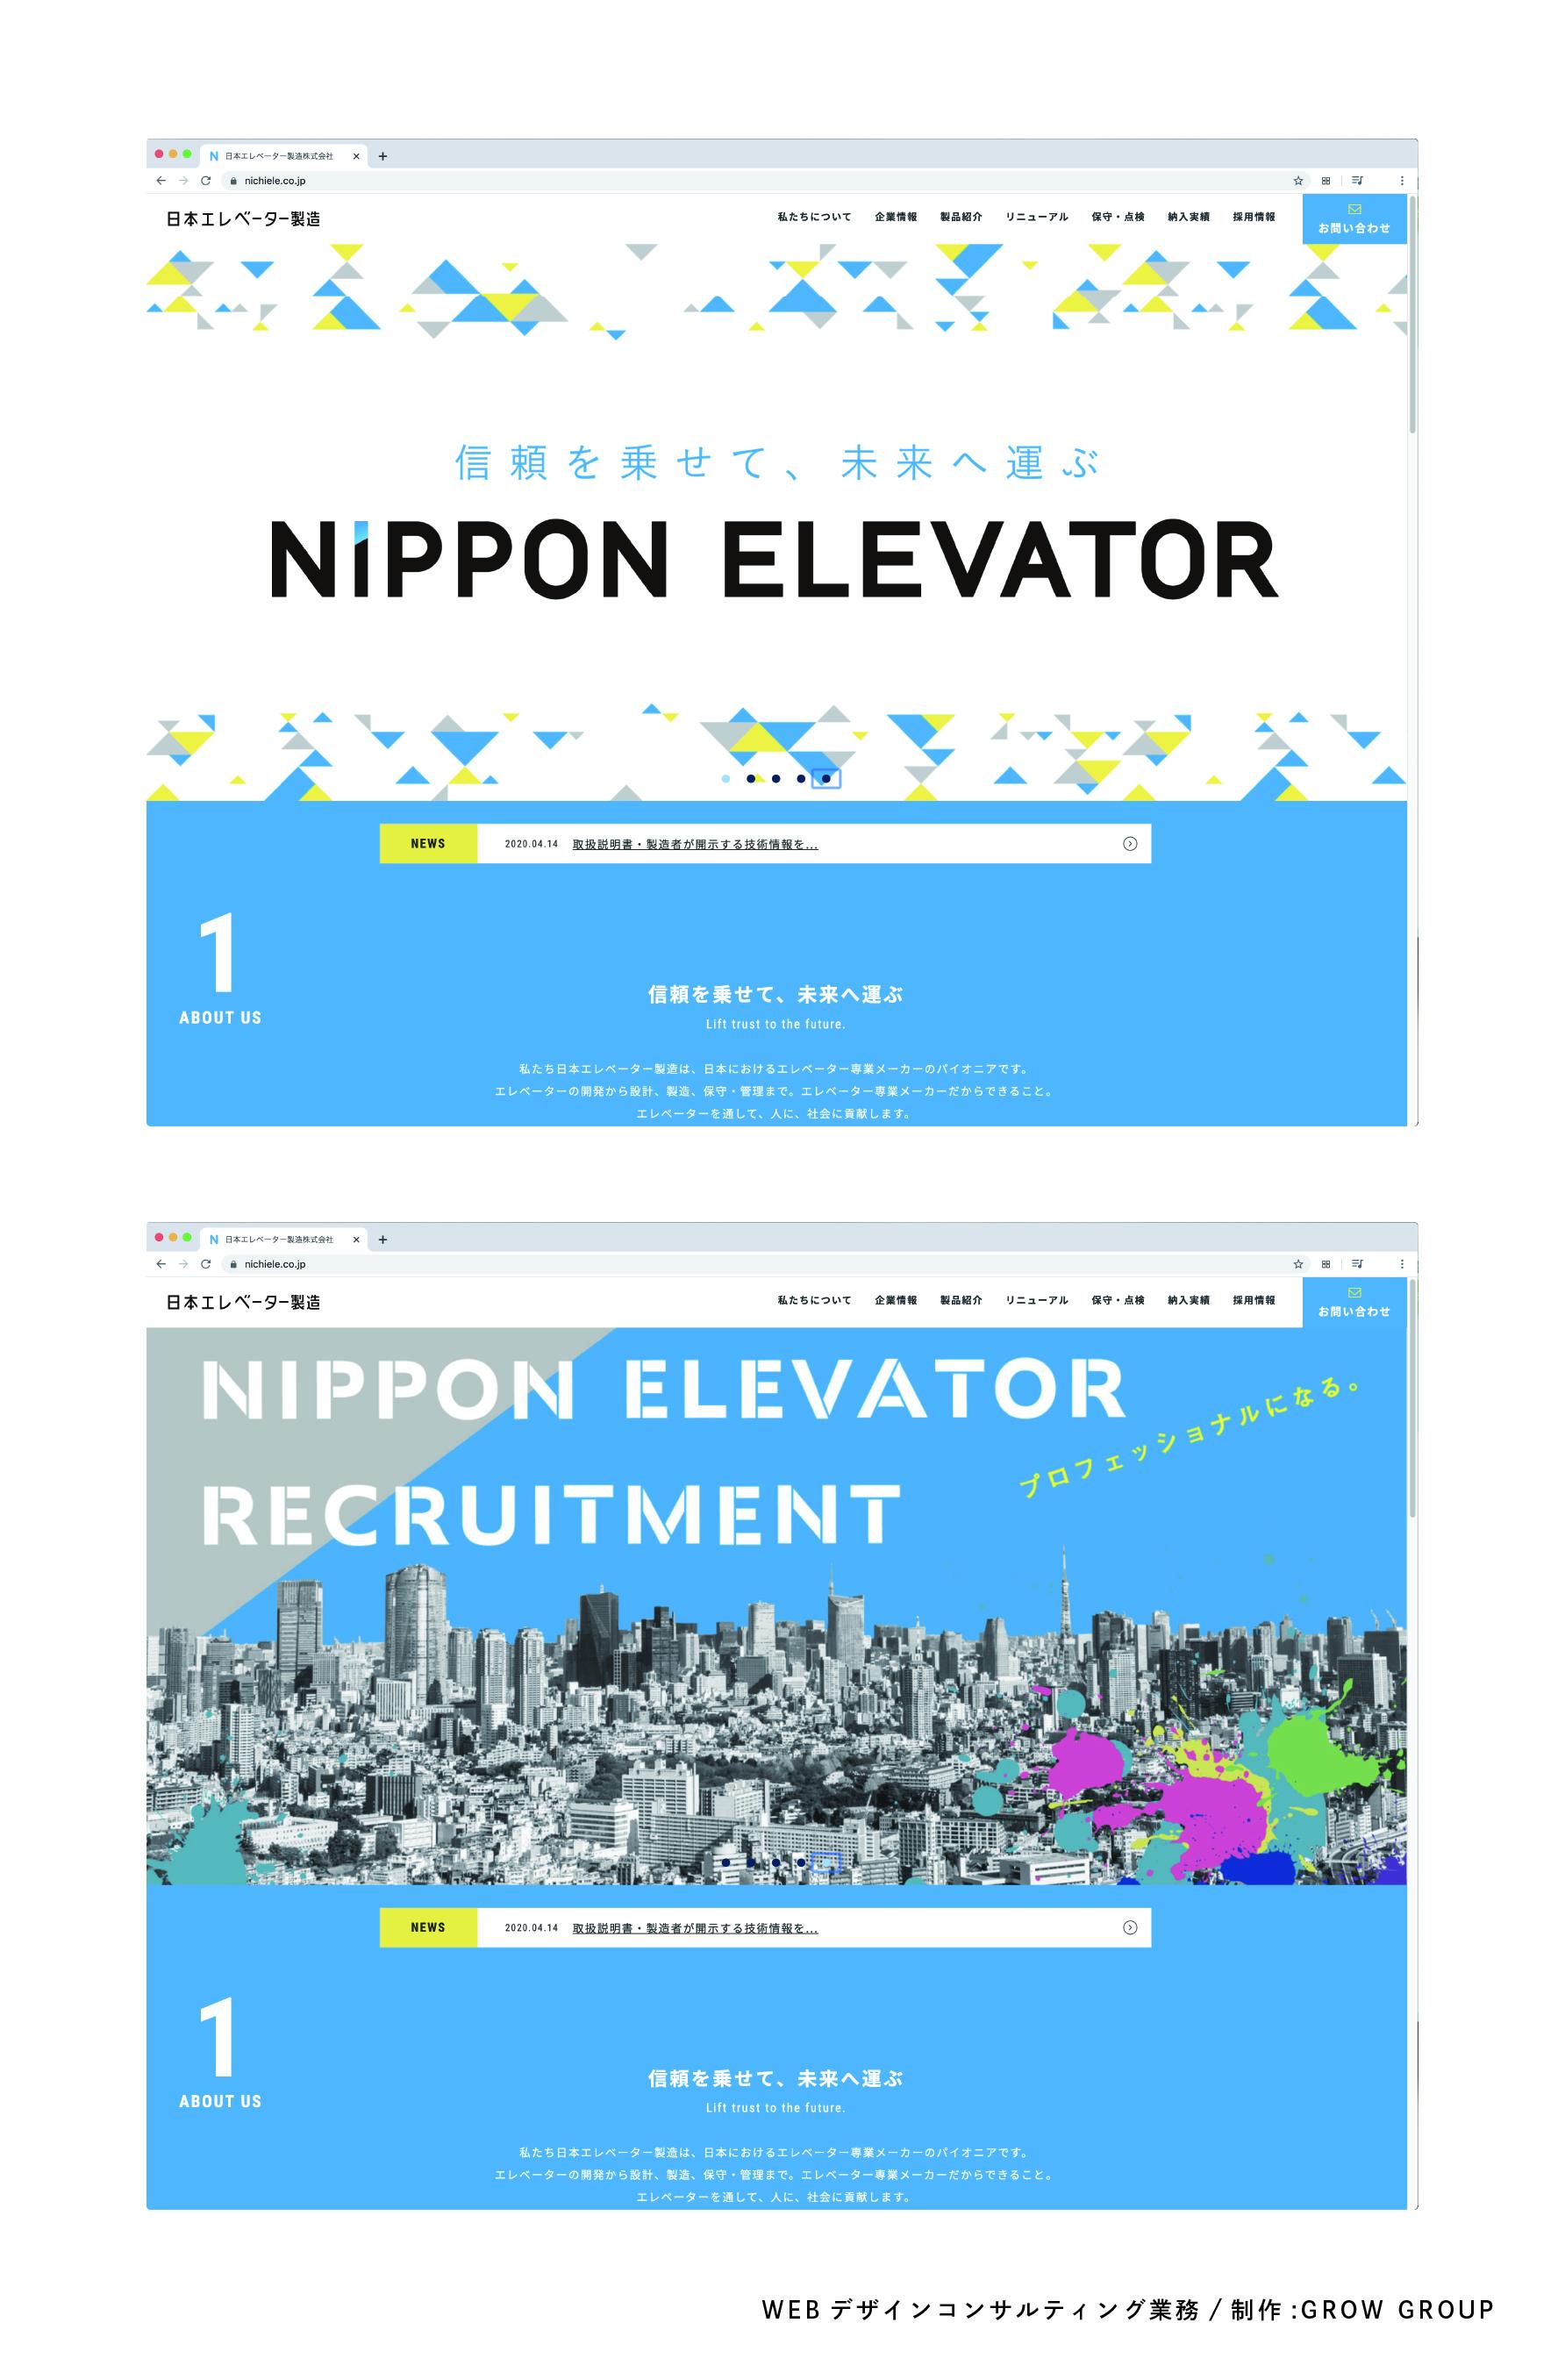 NIPPON ELEVATOR12